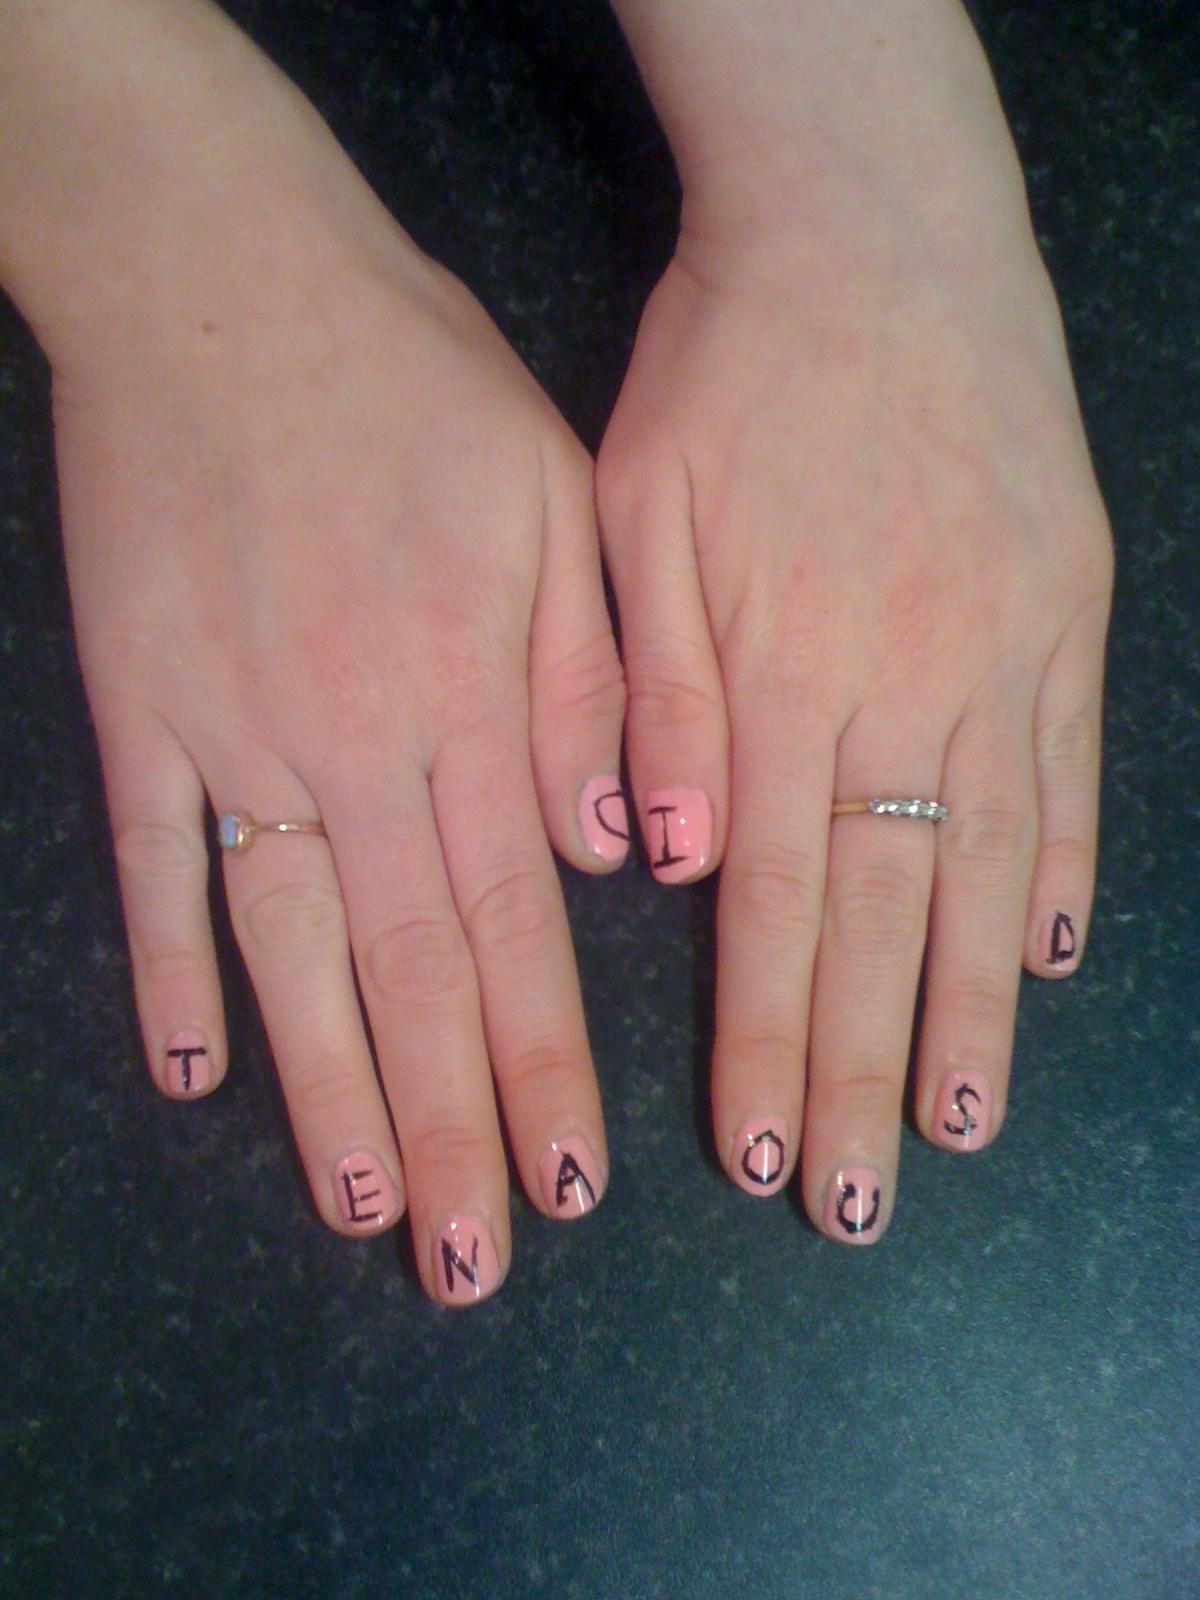 Nail Designs: Tenacious D Nails